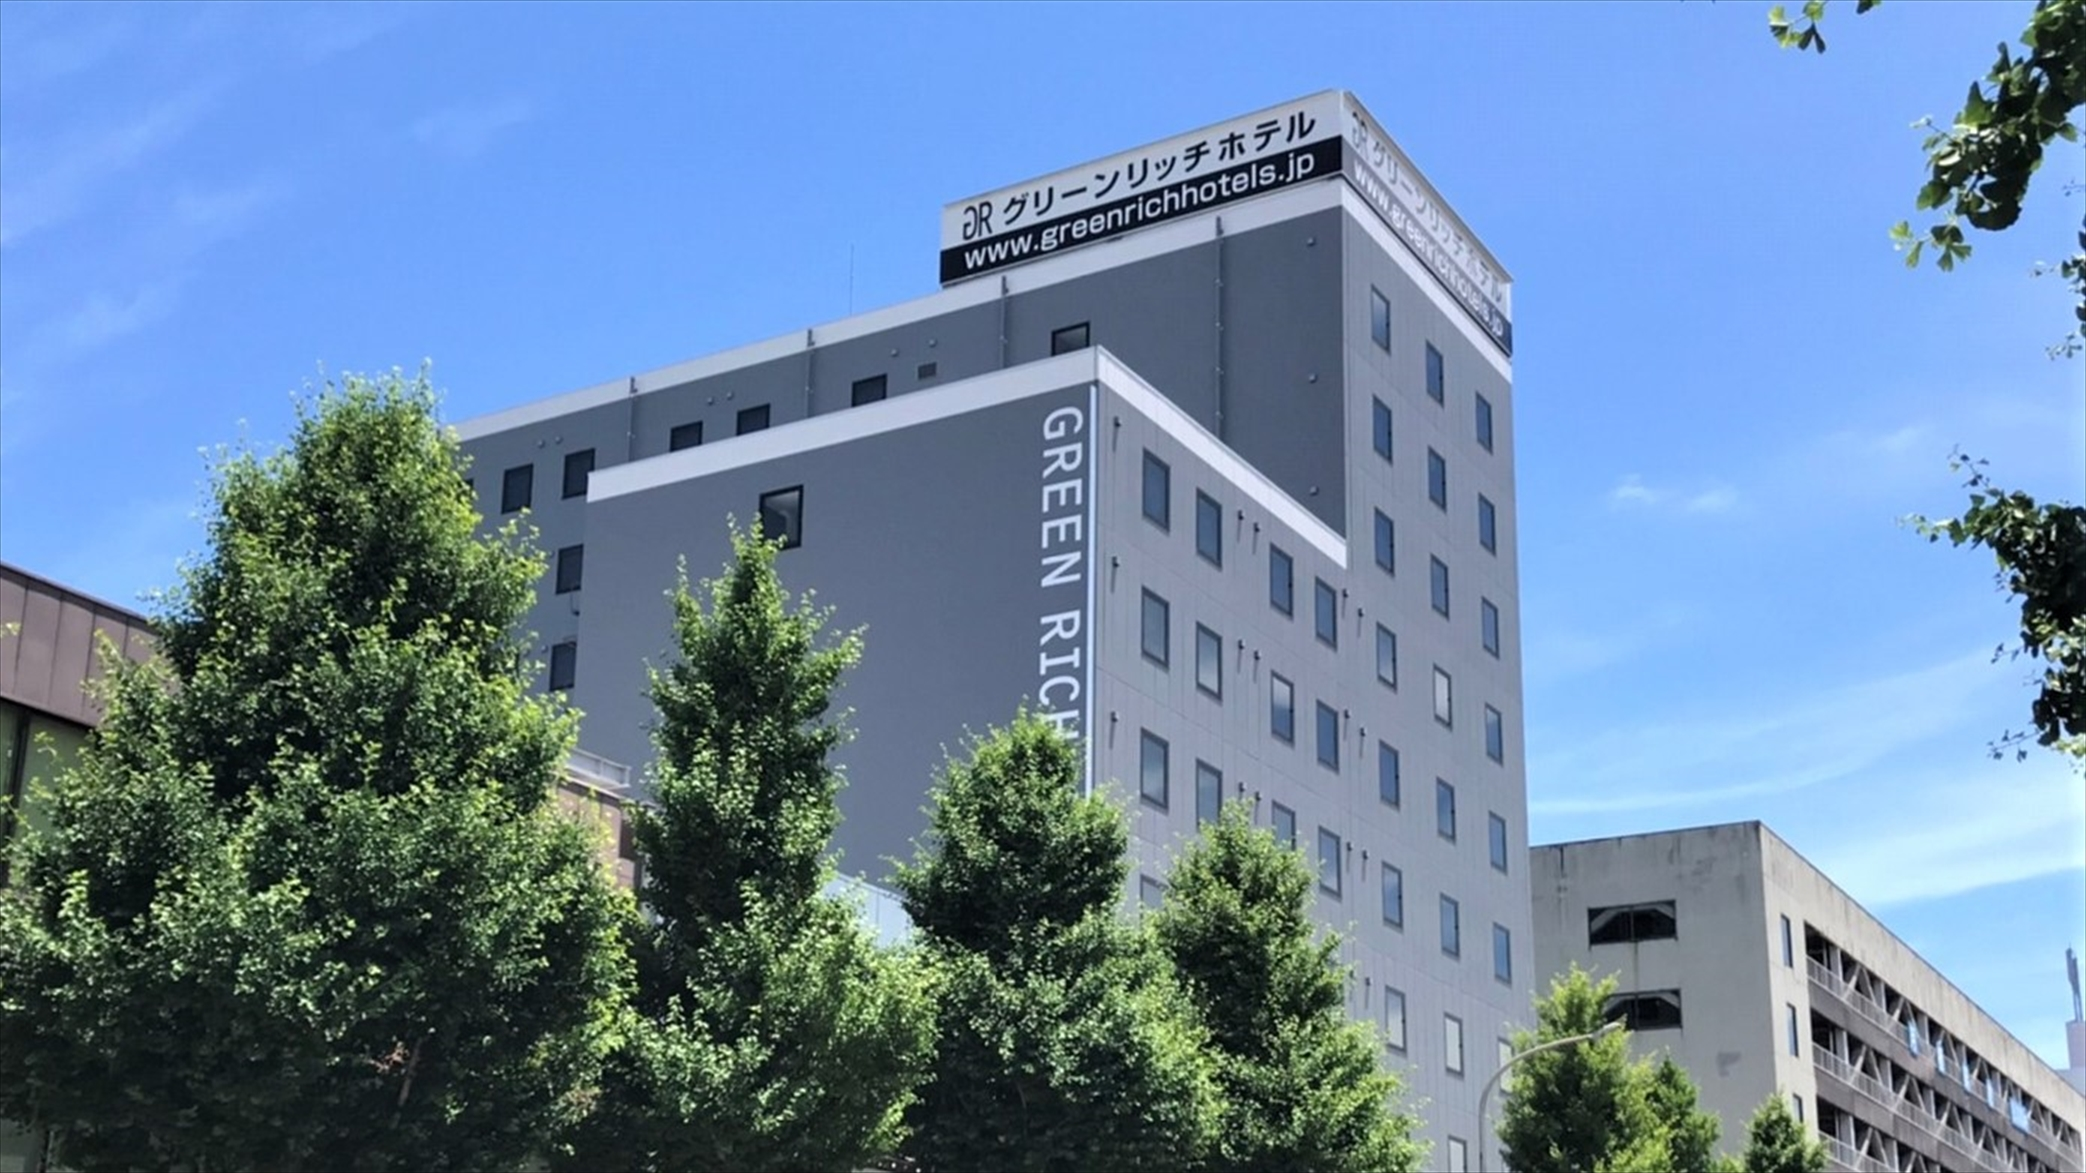 グリーンリッチホテル米子駅前